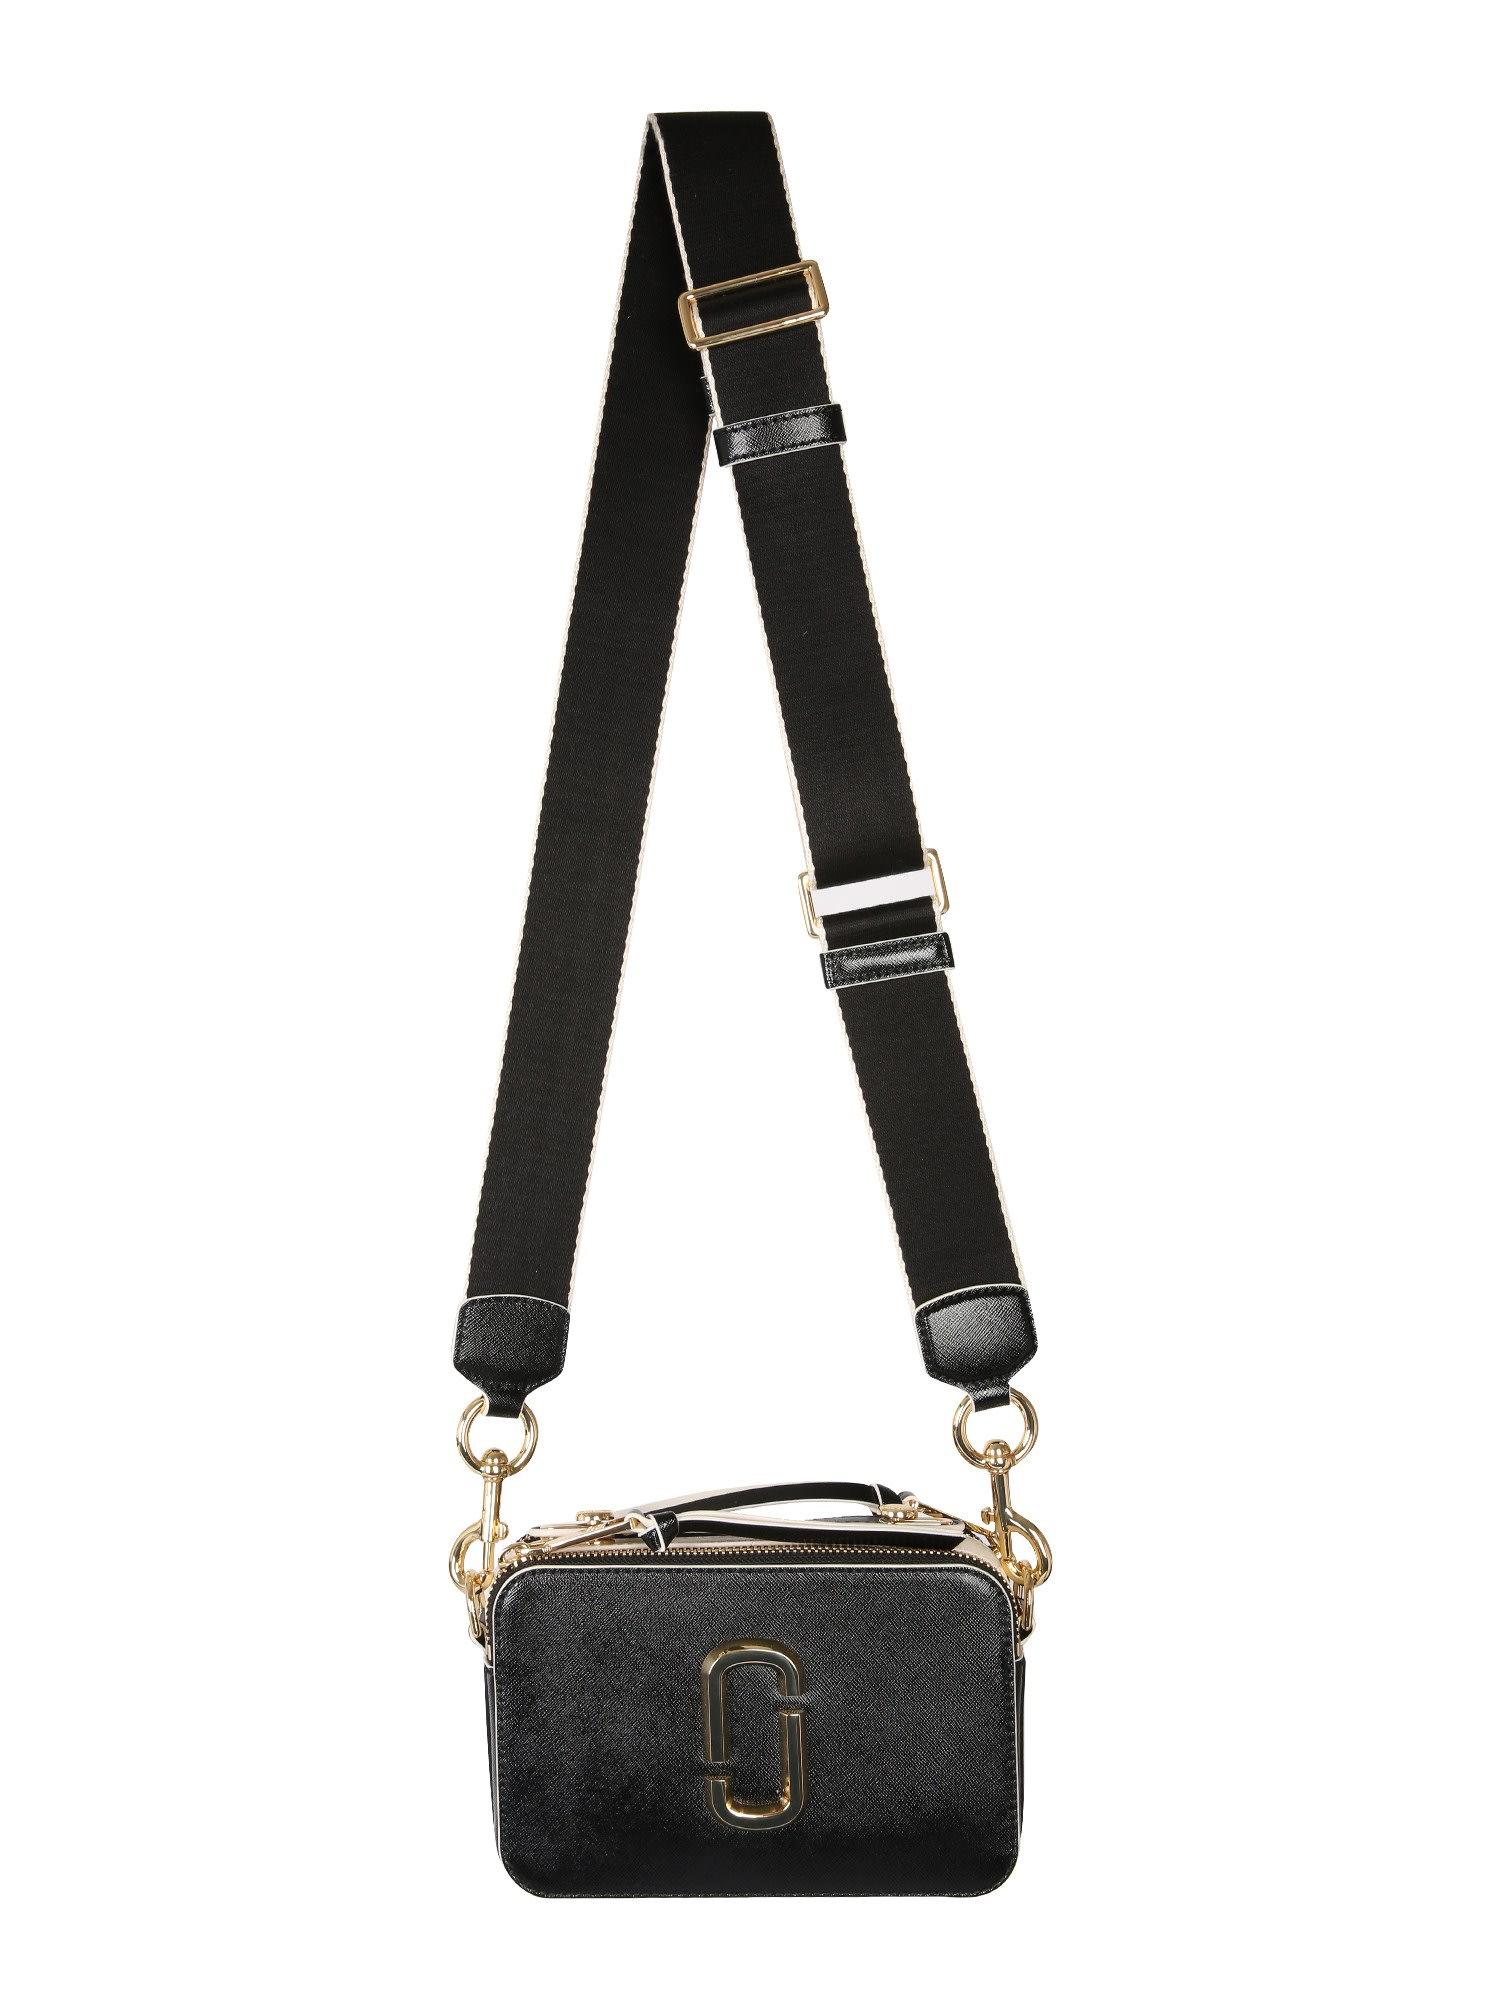 Marc Jacobs The Sure Shot Bag